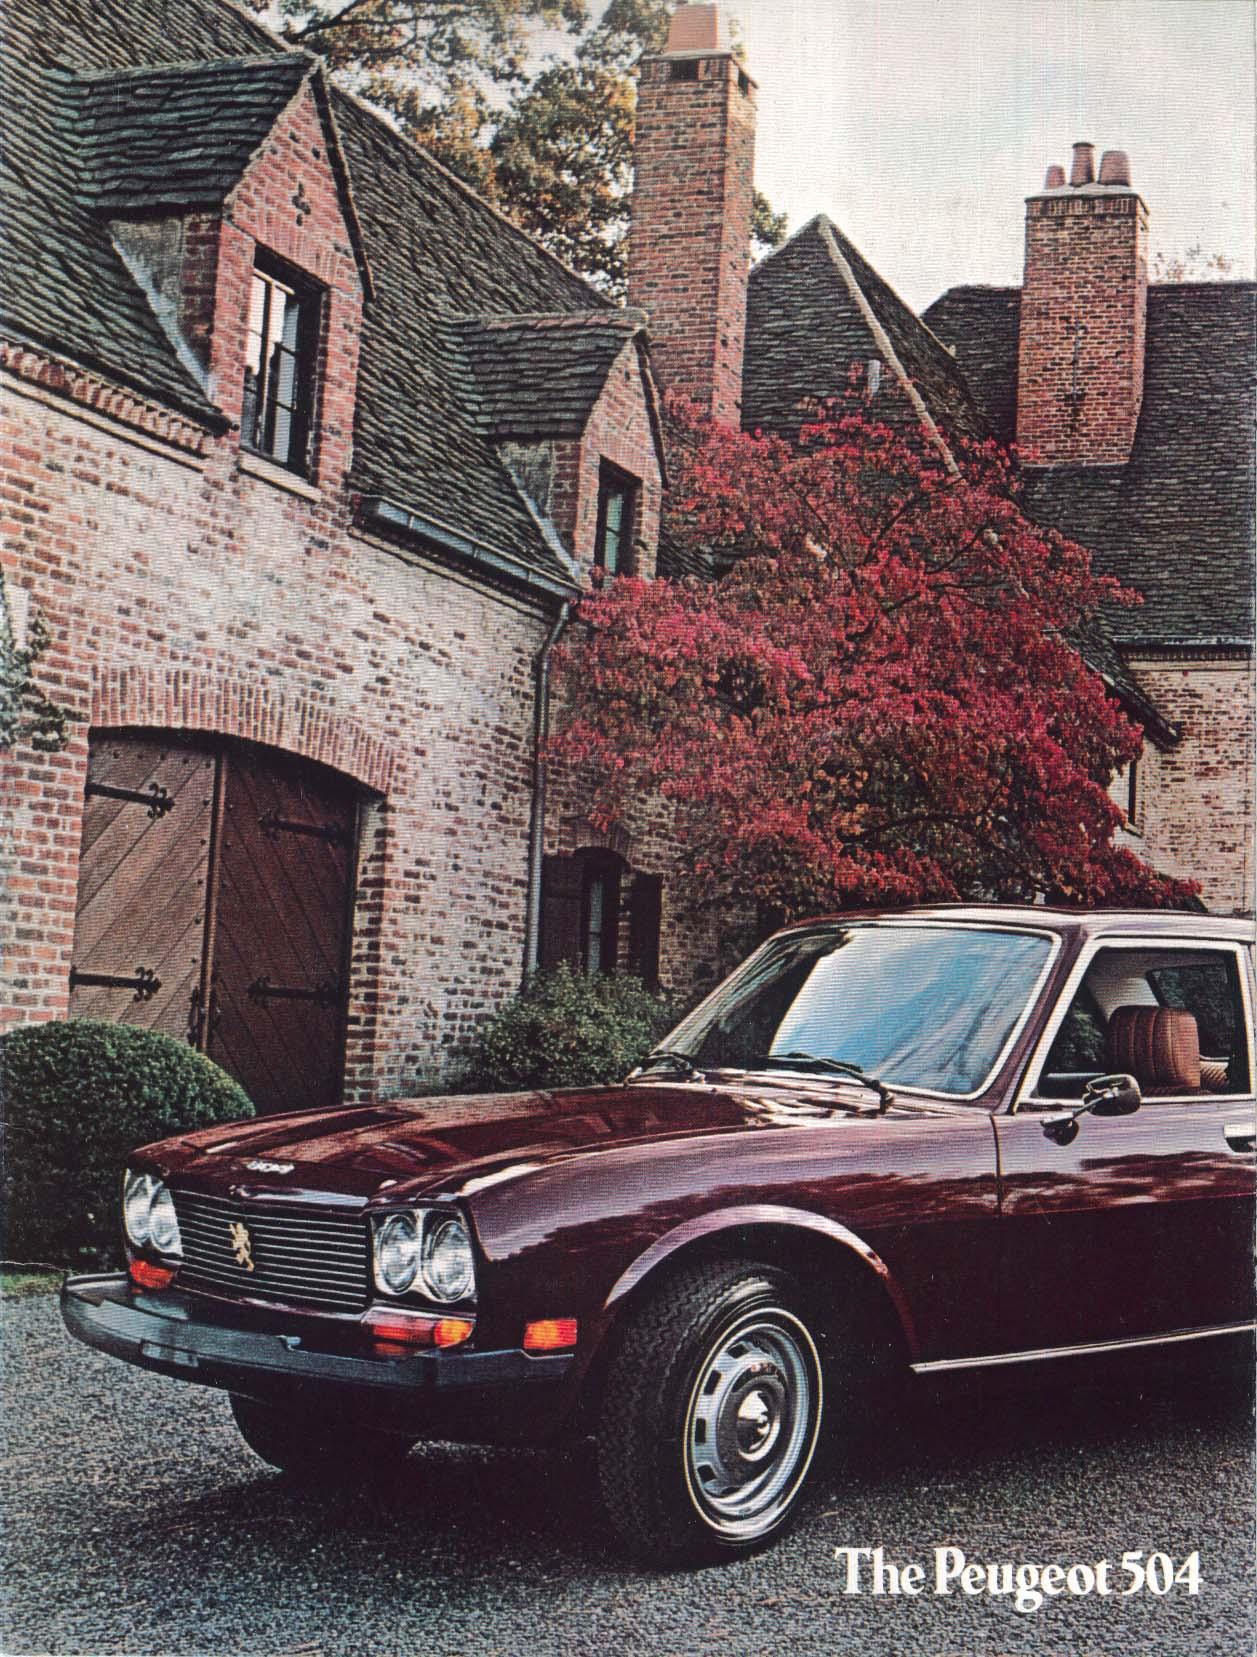 Image for 1975 Peugeot 504 sales brochure